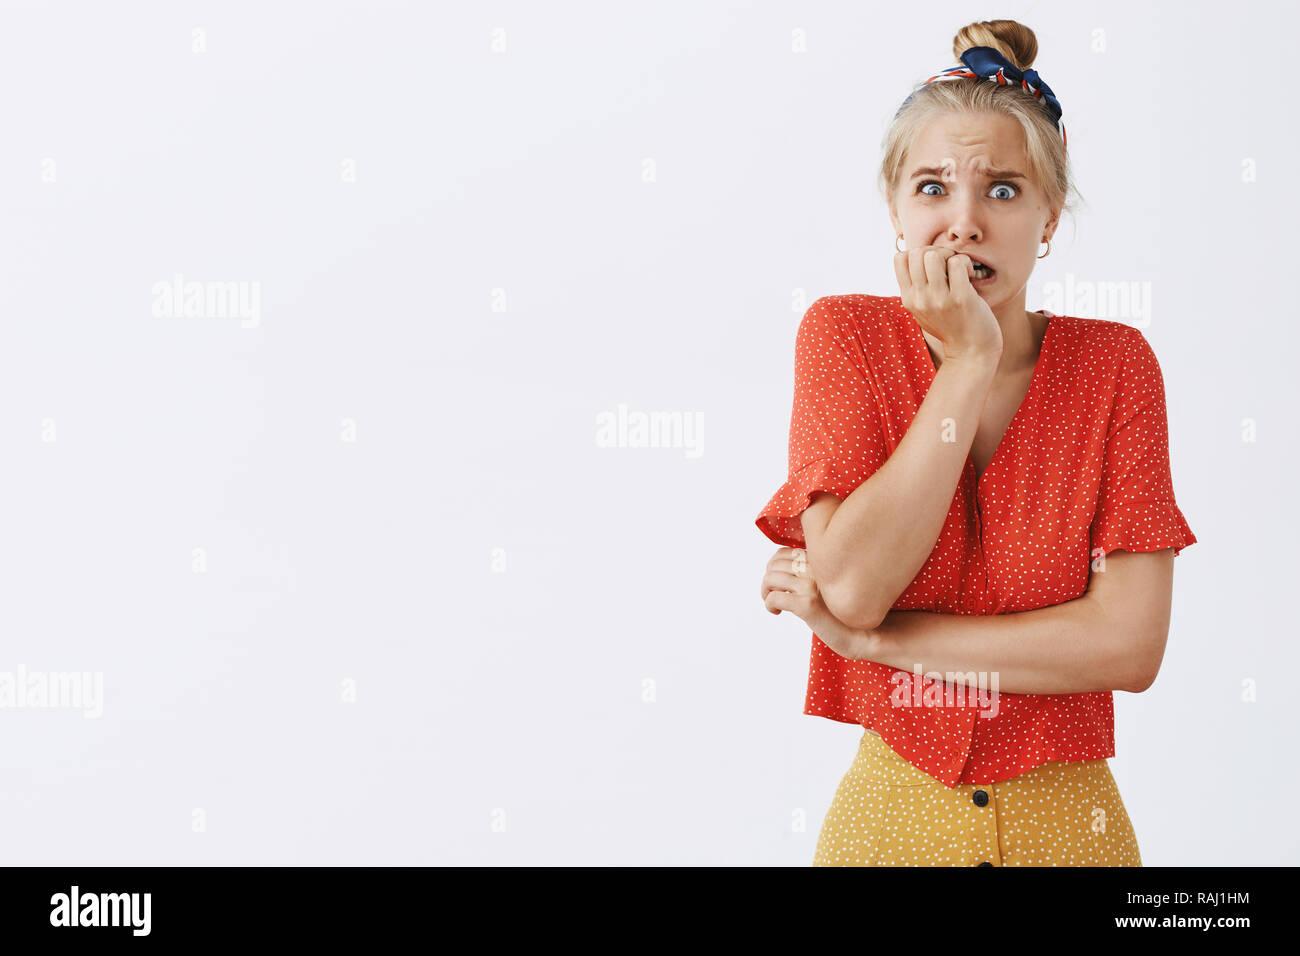 Foto de estudio de miedo mujer nervioso acerca al pánico de pie en vintage blusa punteado mordiendo las uñas y mirando interesados y preocupados en la cámara sentirse ansioso sobre fondo gris Imagen De Stock